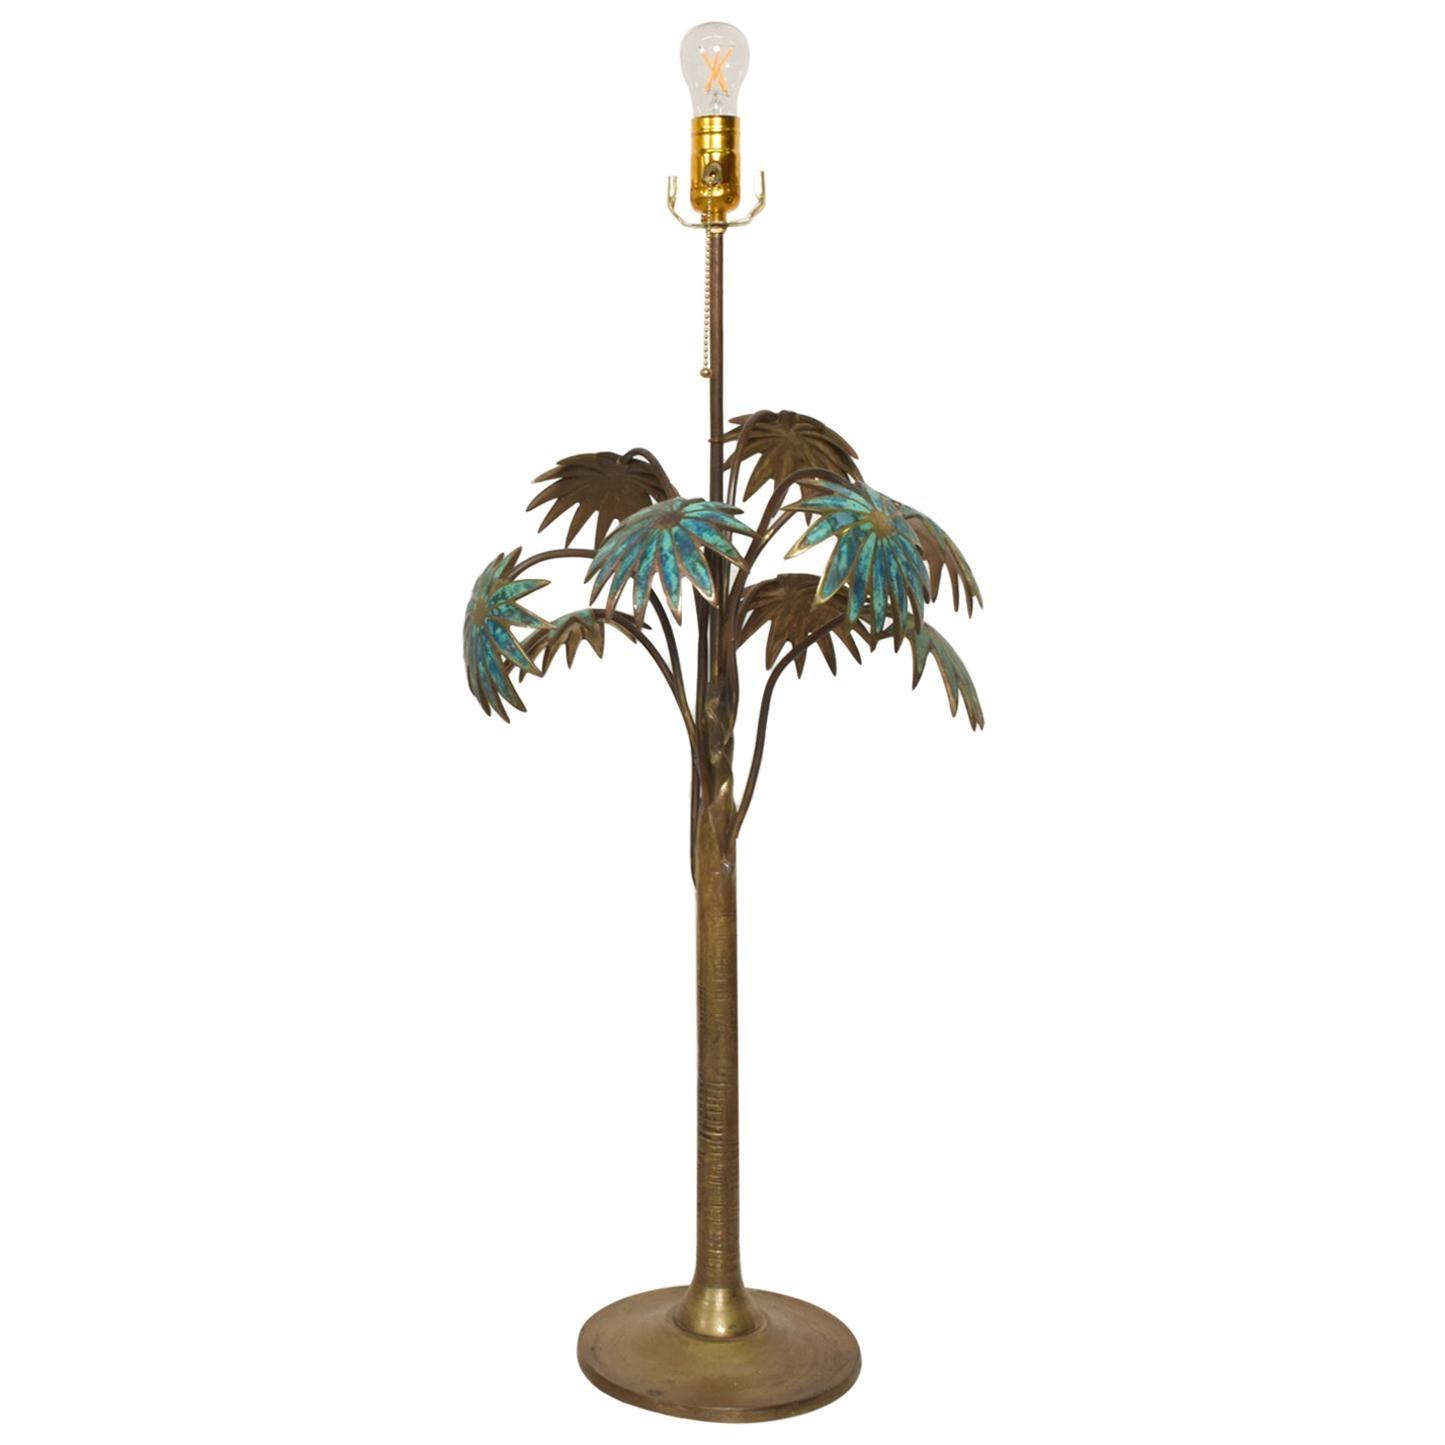 Exquisite Pepe Mendoza Palm Tree Table Lamp in Bronze & Malachite, 1950s, Mexico